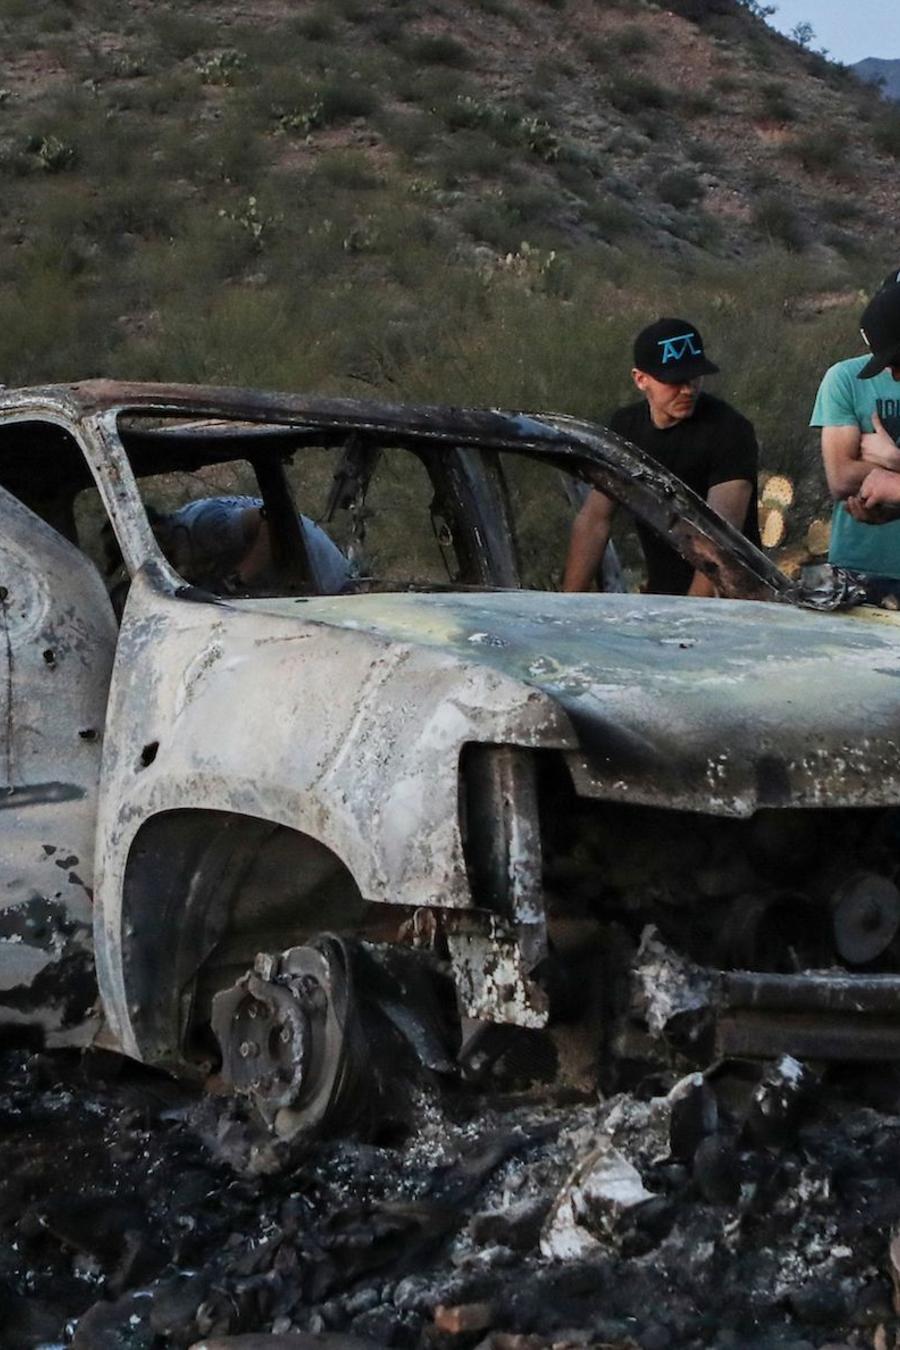 Familiares de las víctimas, junto a uno de los vehículos tiroteados, el 5 de noviembre.